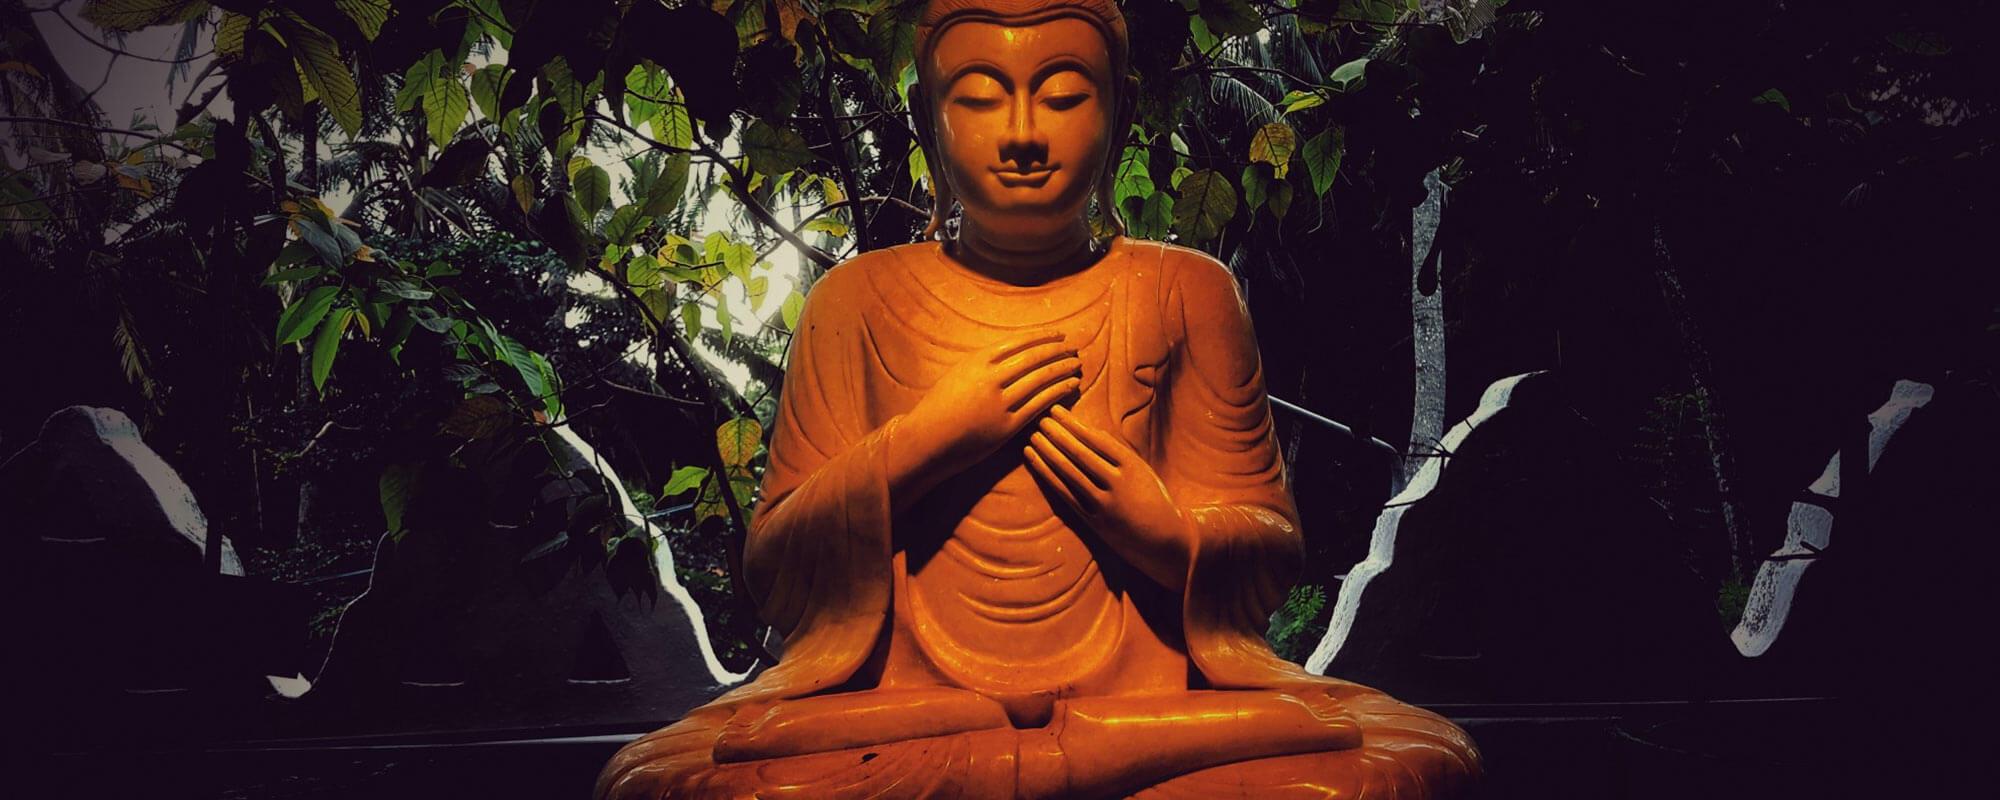 Fall Continuum 2021: Dharma Dives